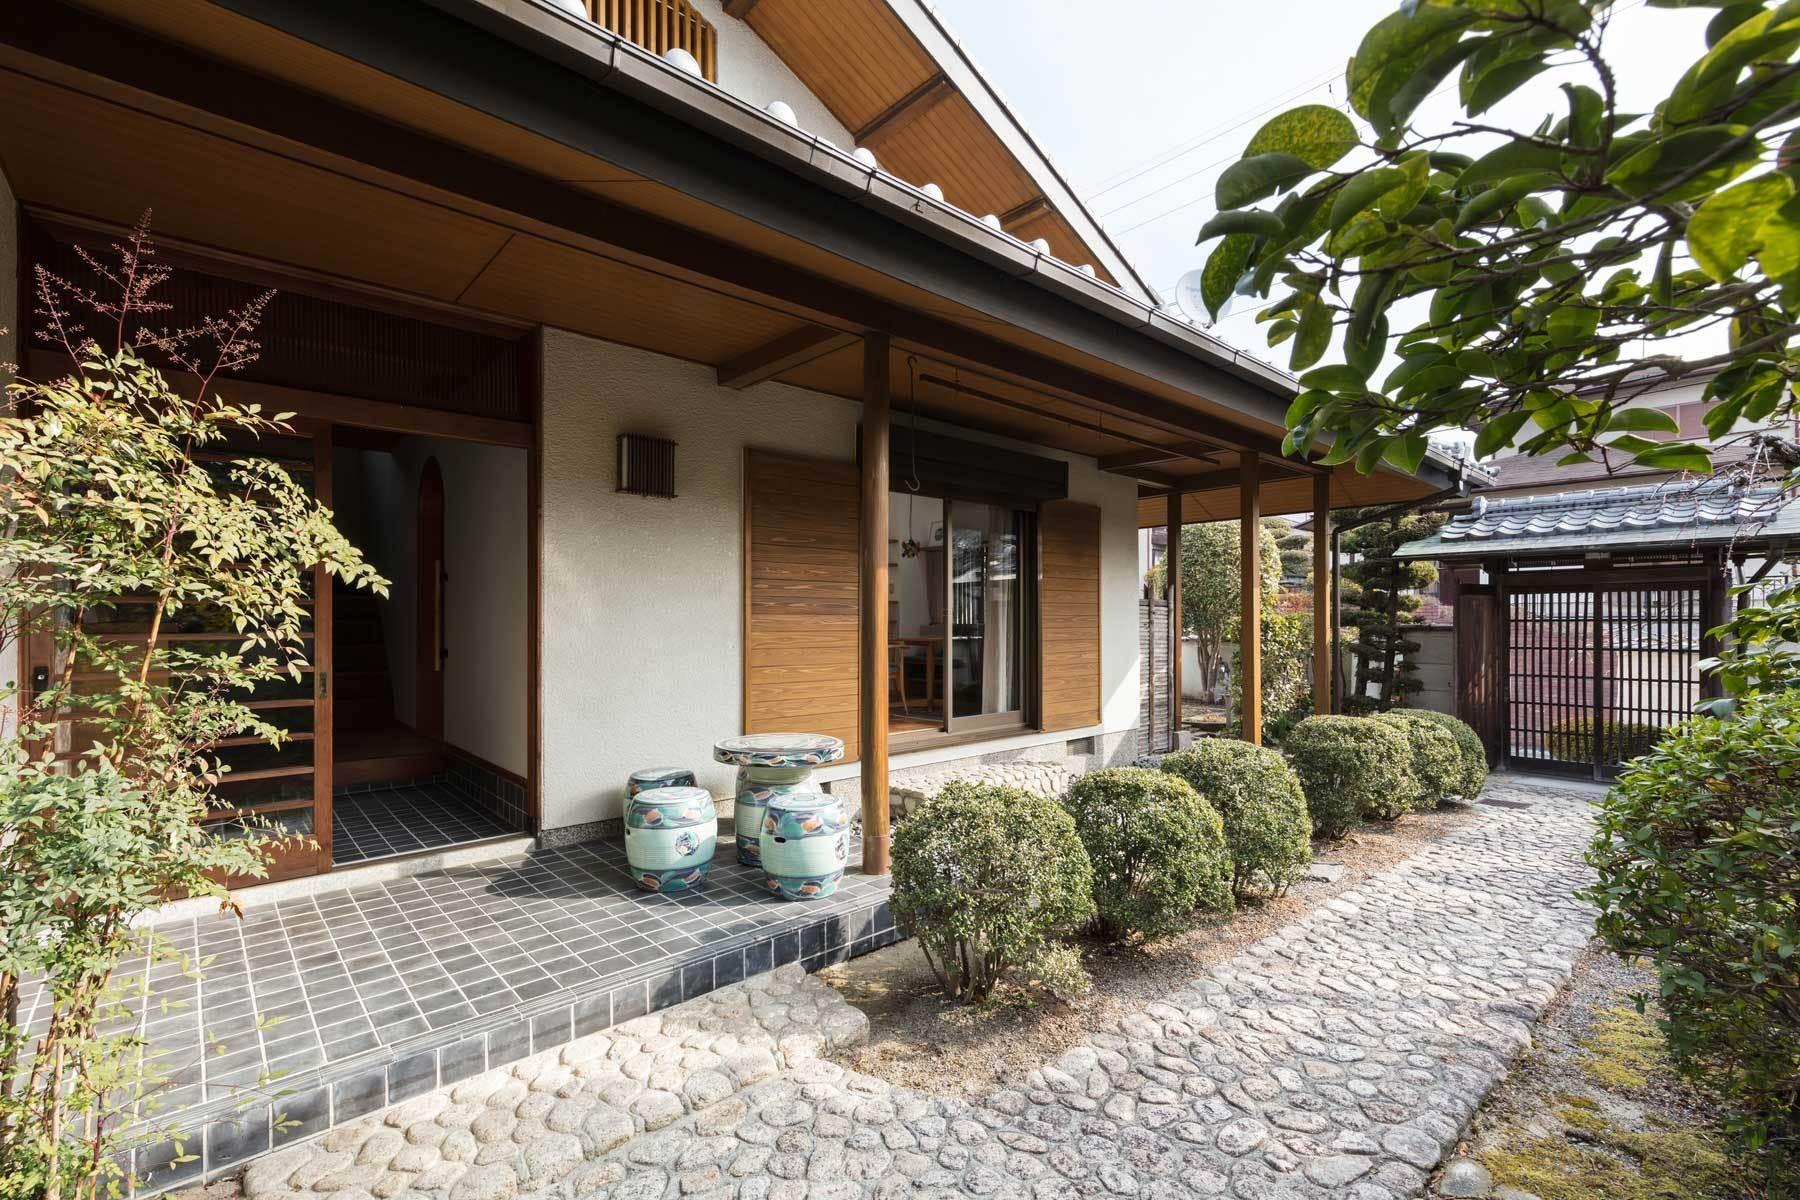 外観事例:外観(愛でる家|数寄屋風戸建て住宅のリノベーション【奈良市】)